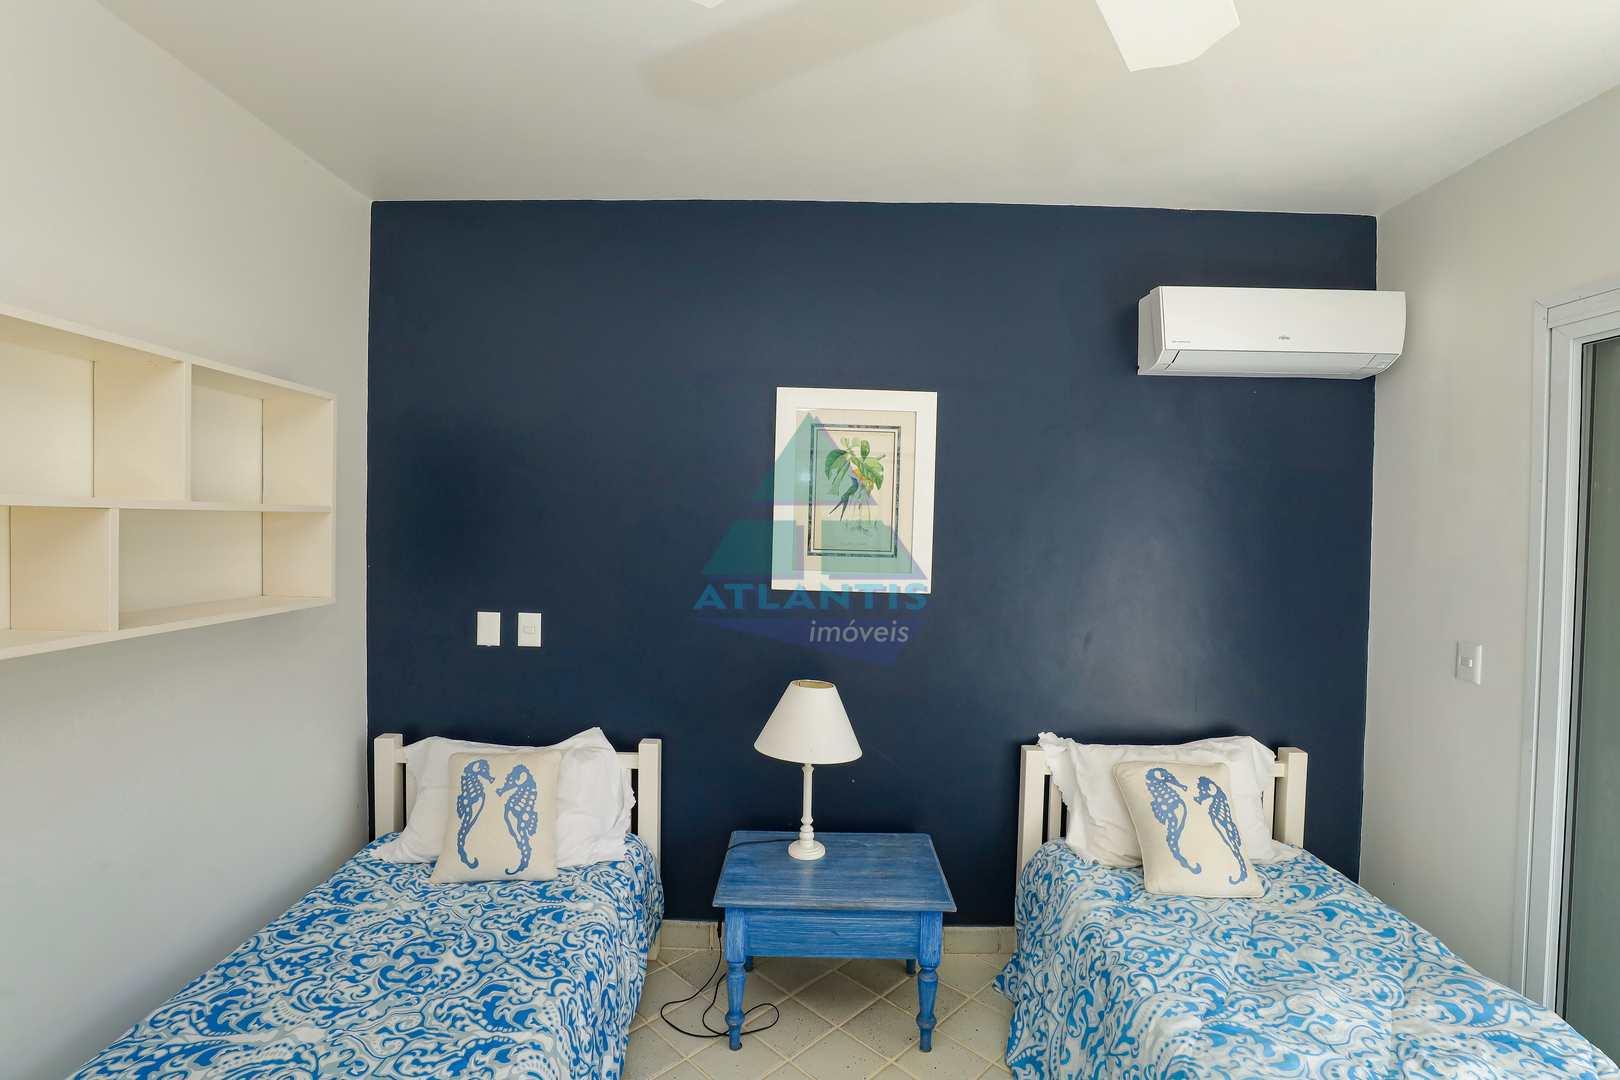 Casa com 7 dorms, Condomínio Lagoinha, Ubatuba - R$ 6.5 mi, Cod: 1410